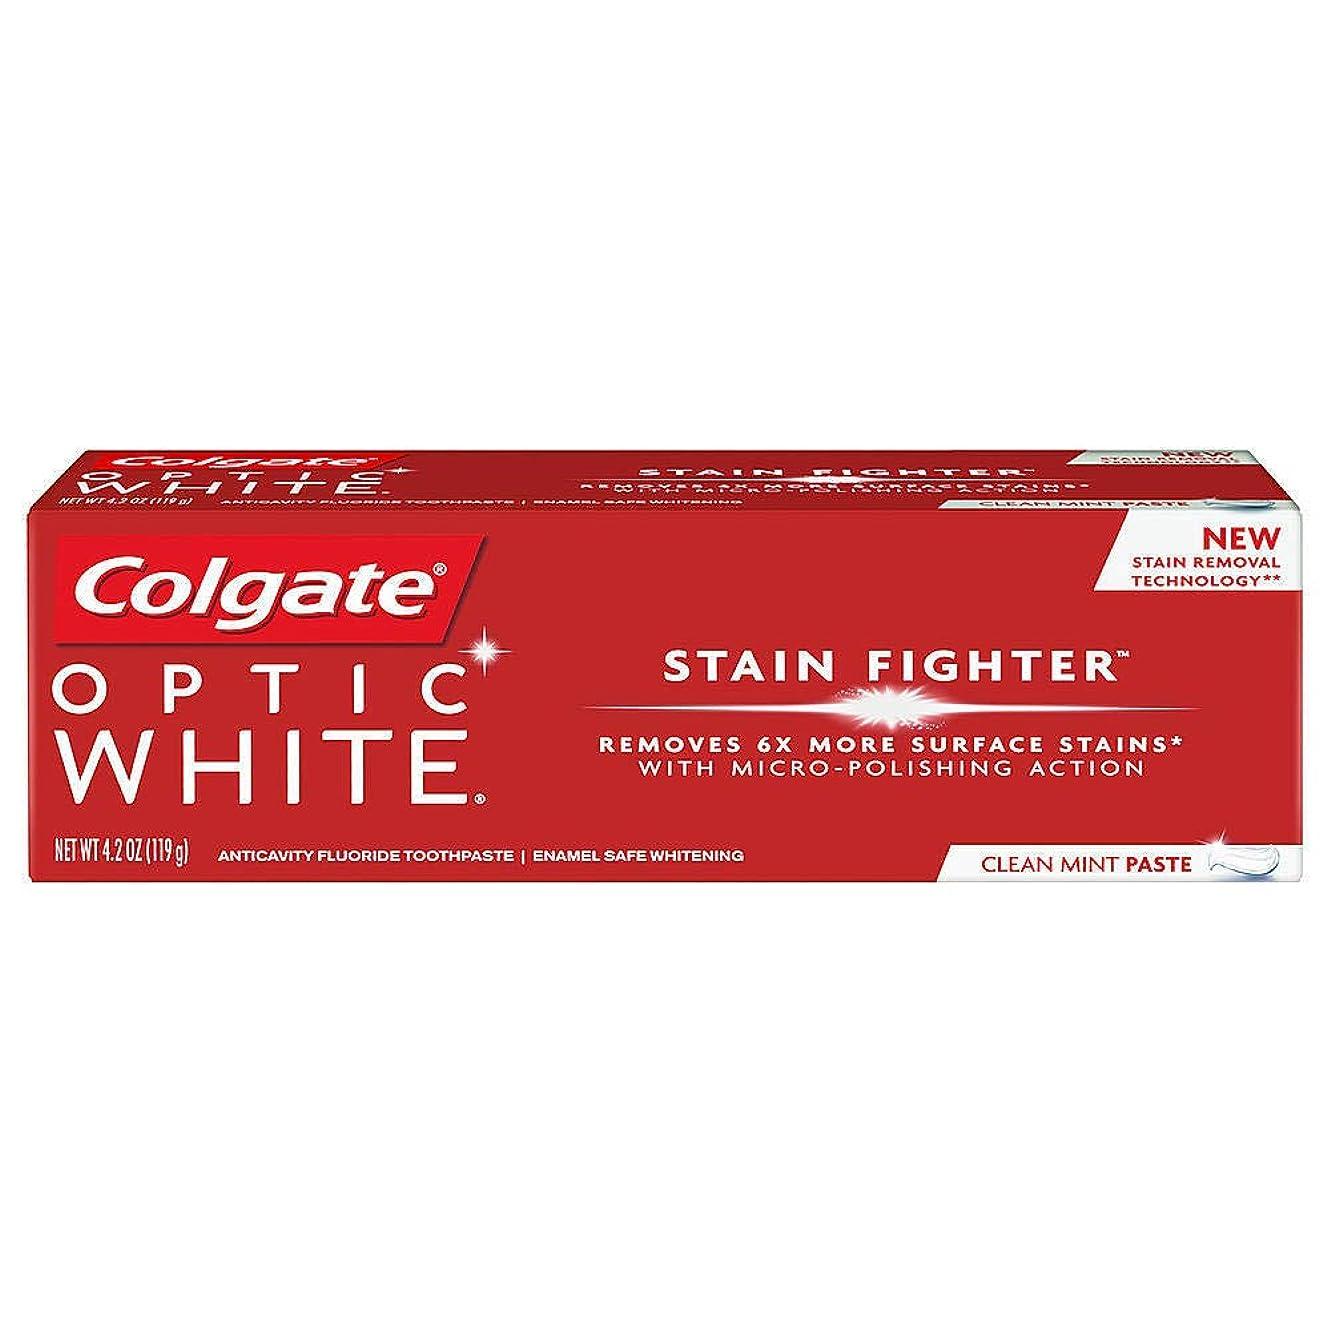 水素署名ボイラーコルゲート ホワイトニング Colgate 119g Optic White STAIN FIGHTER 白い歯 歯磨き粉 ミント (Clean Mint Paste)